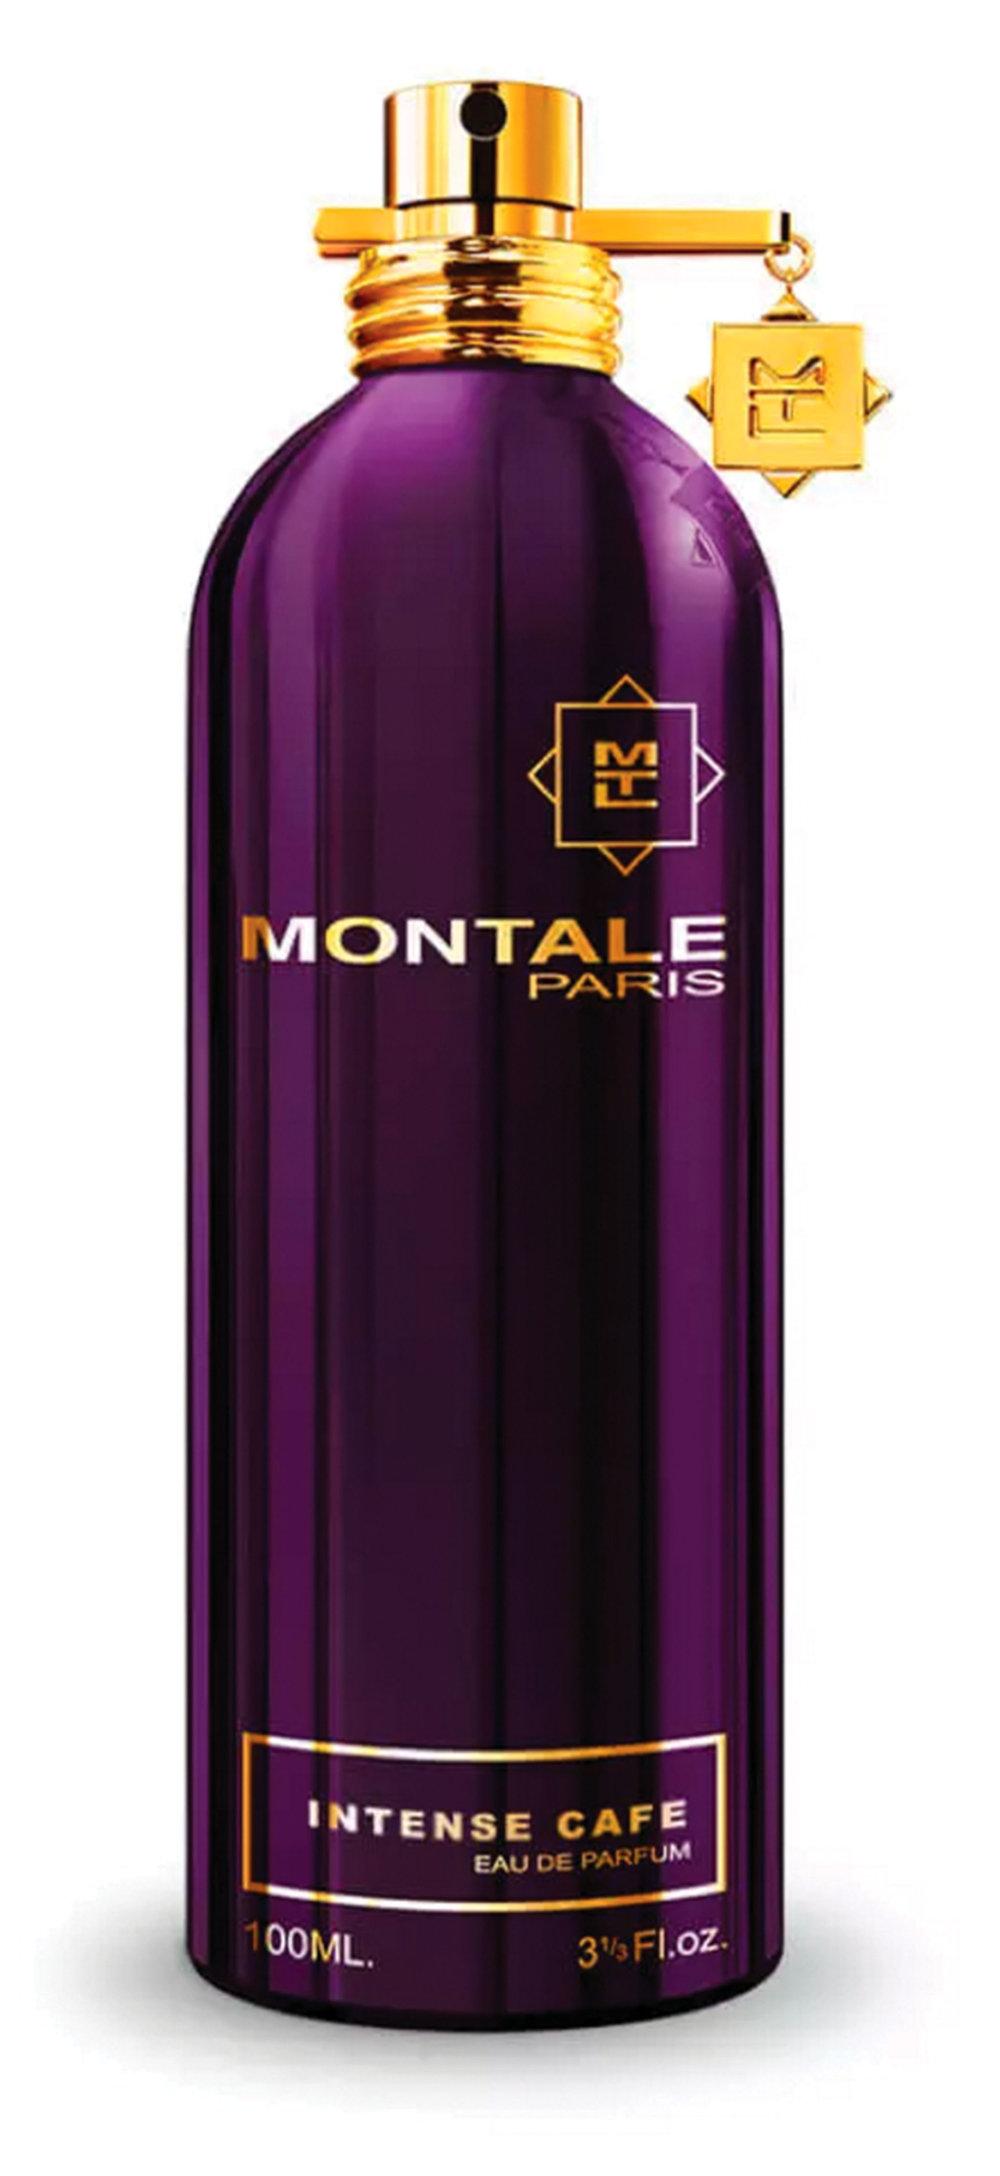 11. Intense Cafe Eau de Parfum, 100ml, by Montale US$170,  bloomingdales.com